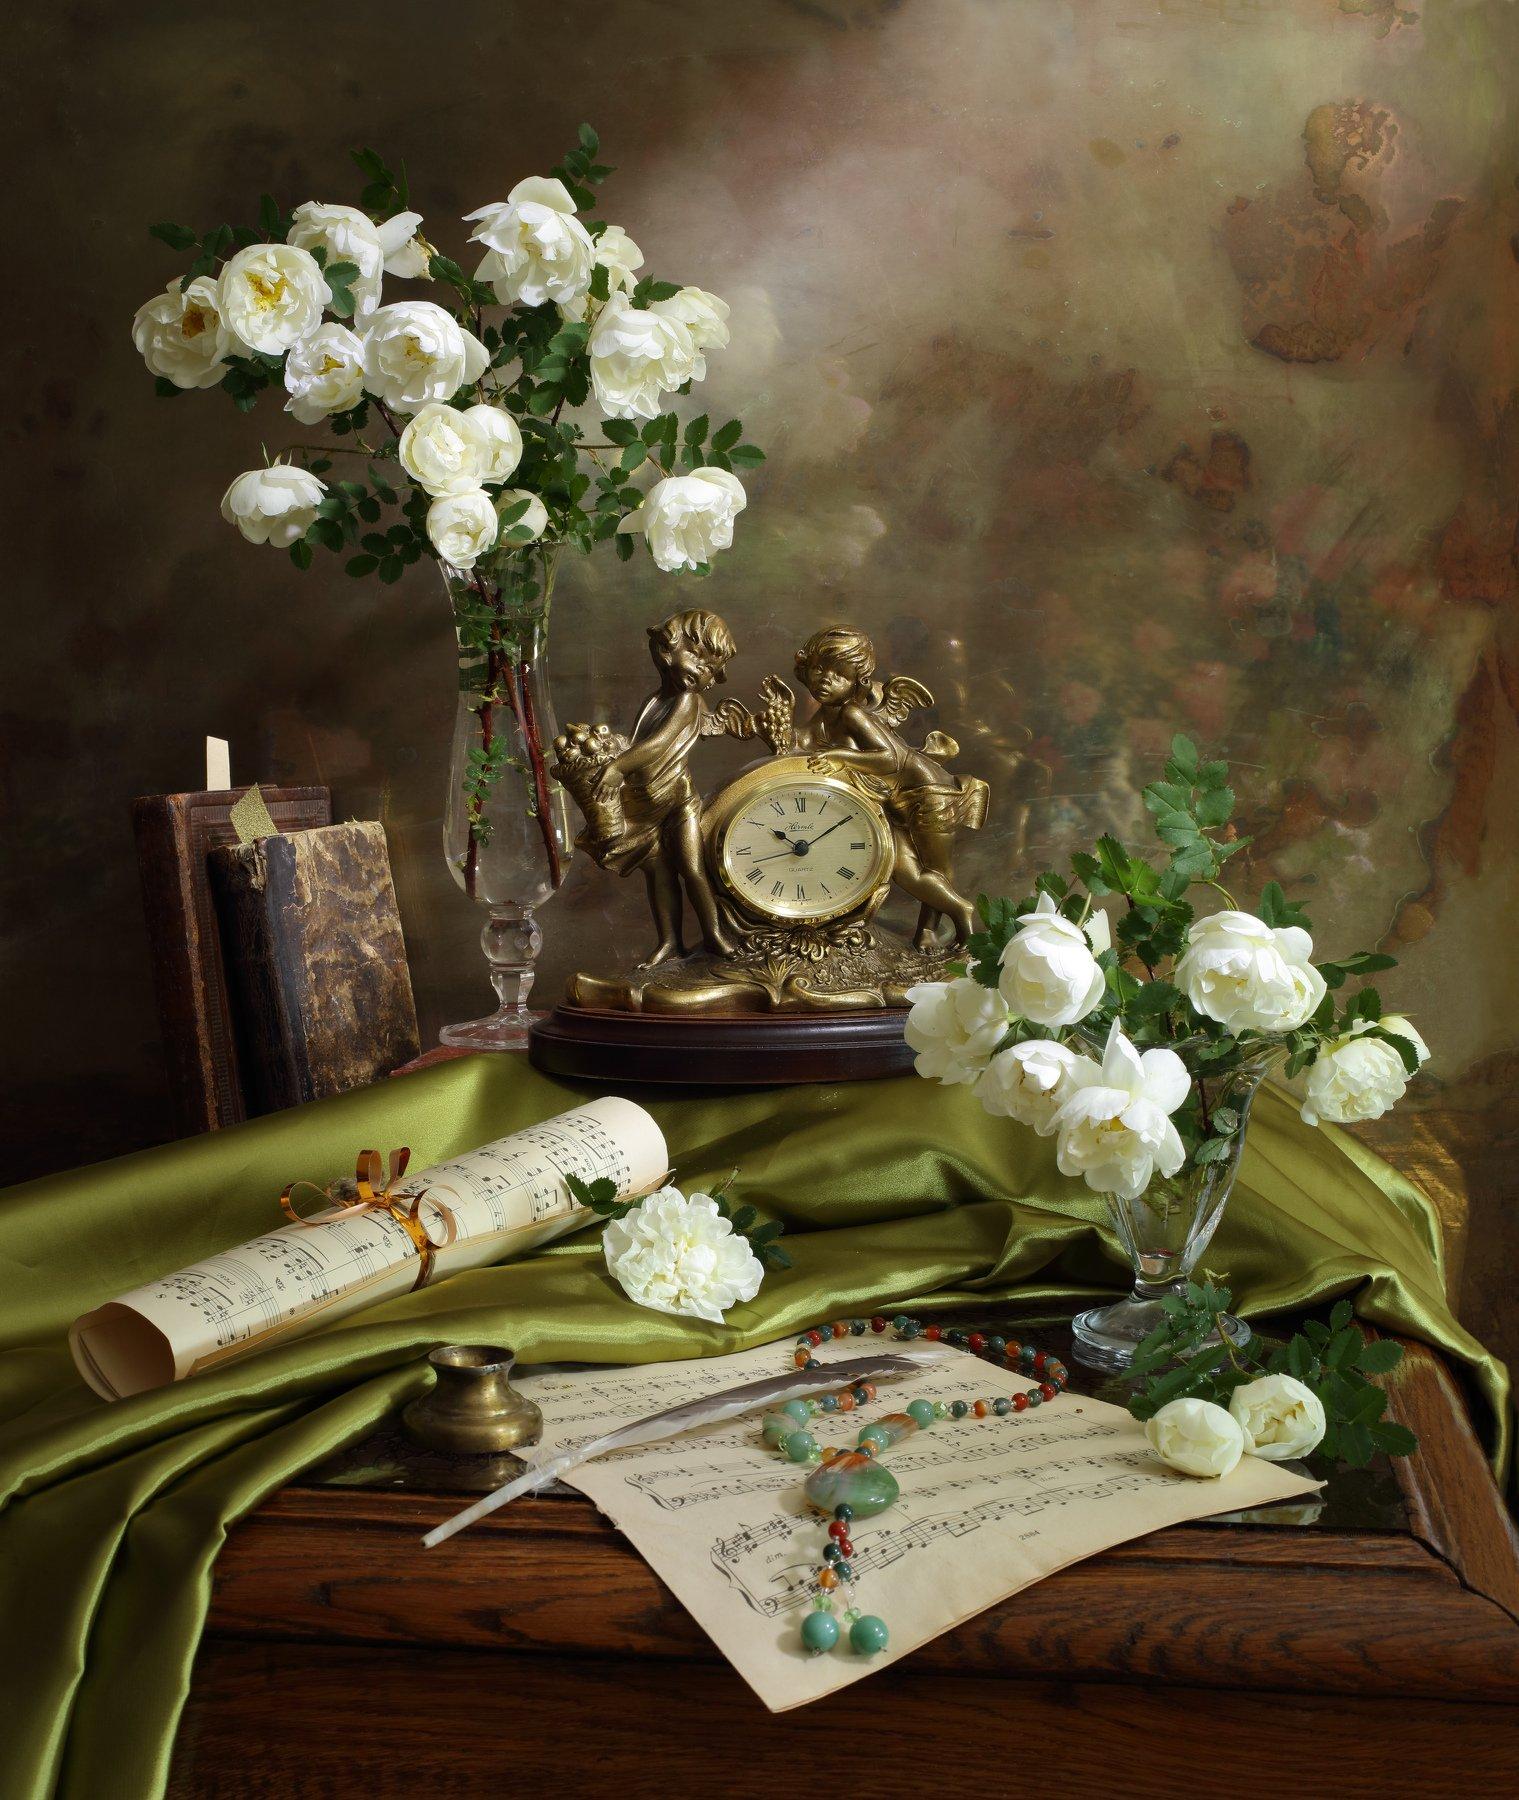 цветы, розы, часы, книги, Андрей Морозов